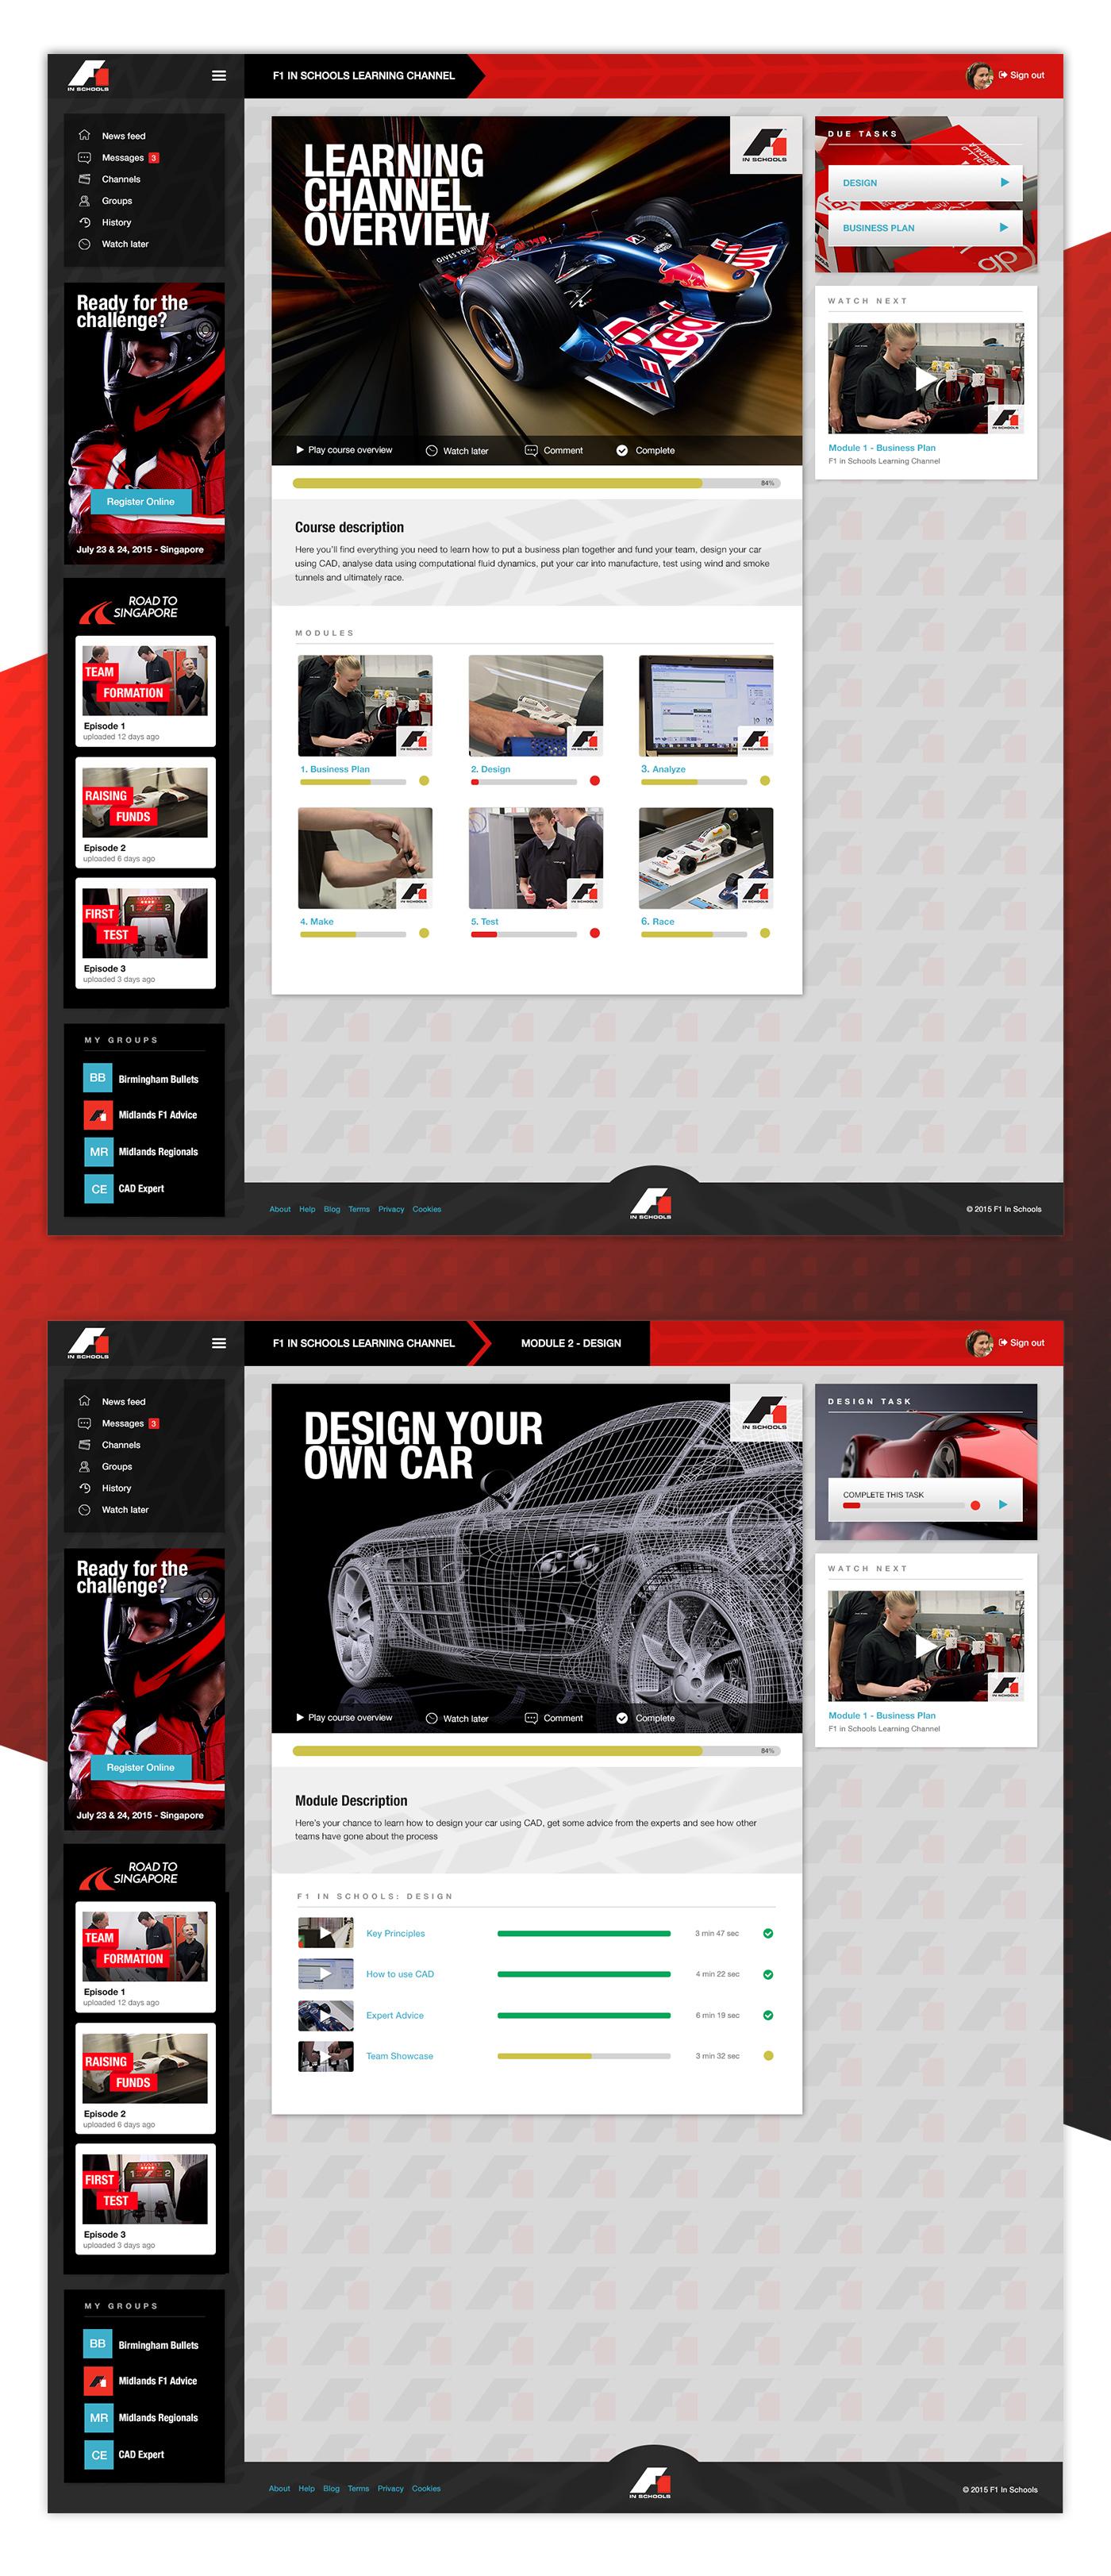 F1 in Schools - UI and UX design concept